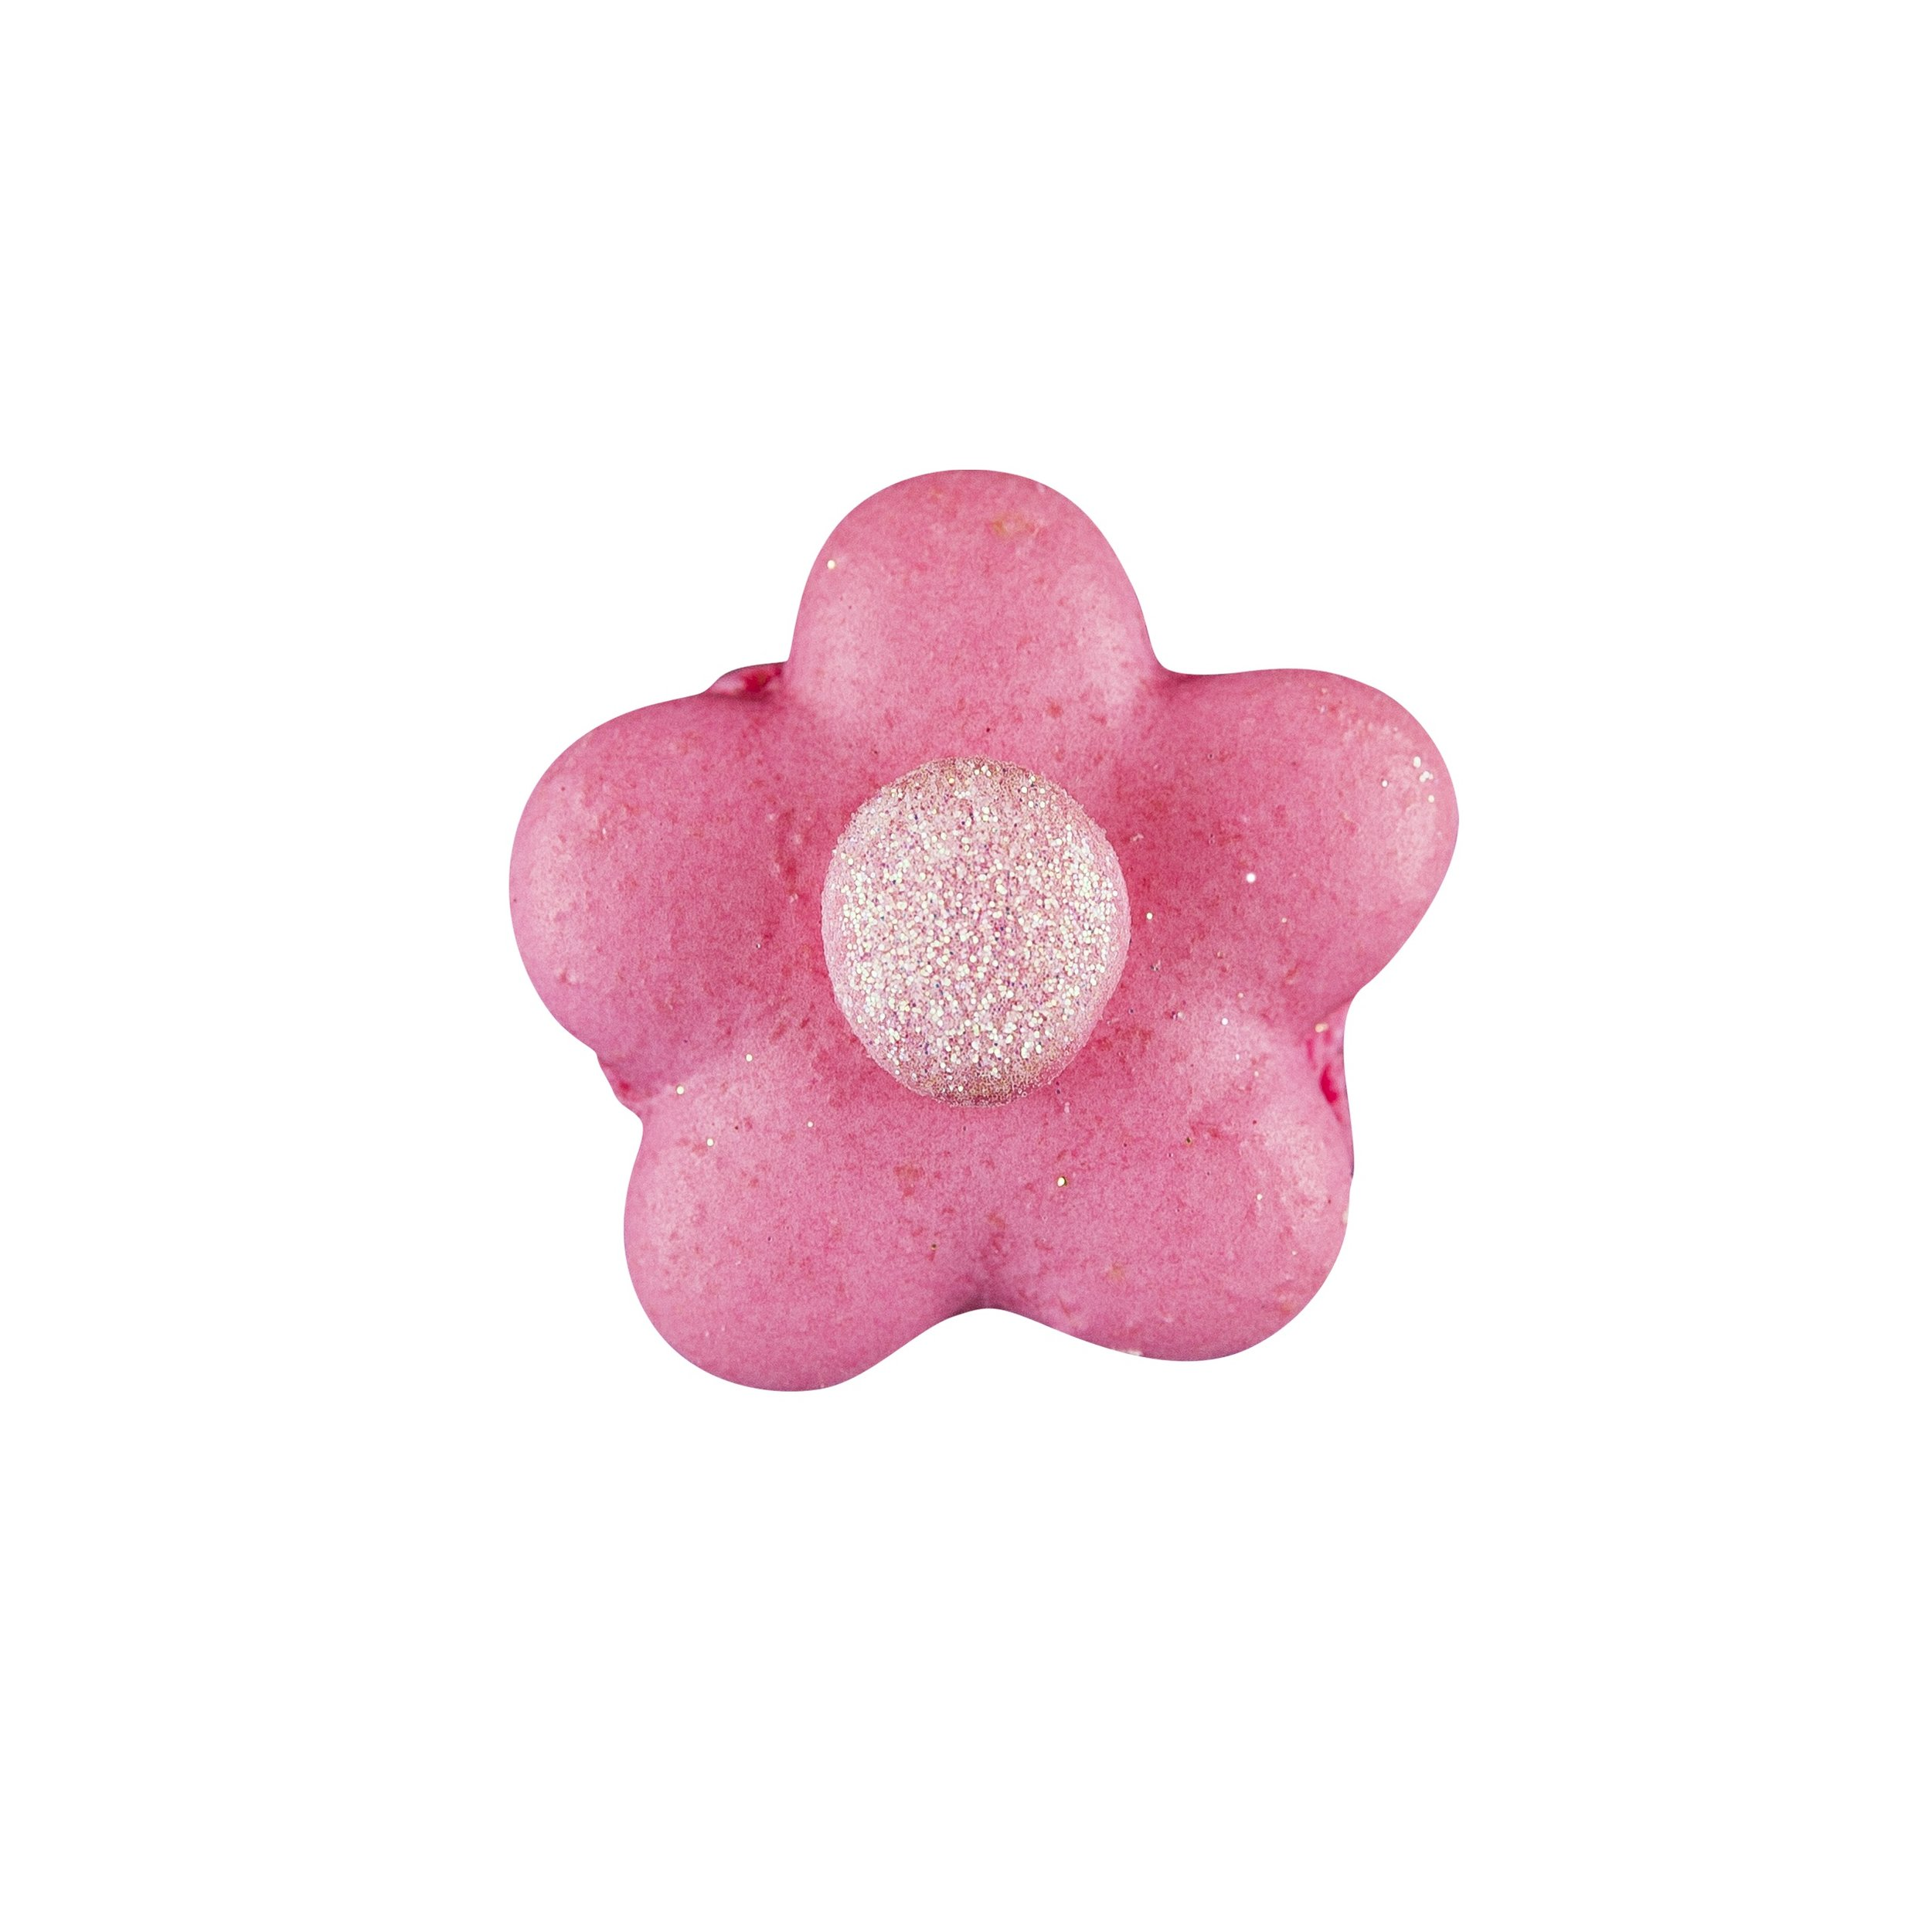 FLOWER MACARON - VANILLA ALMOND SHELLS+ VANILLA BUTTERCREAM FILLING